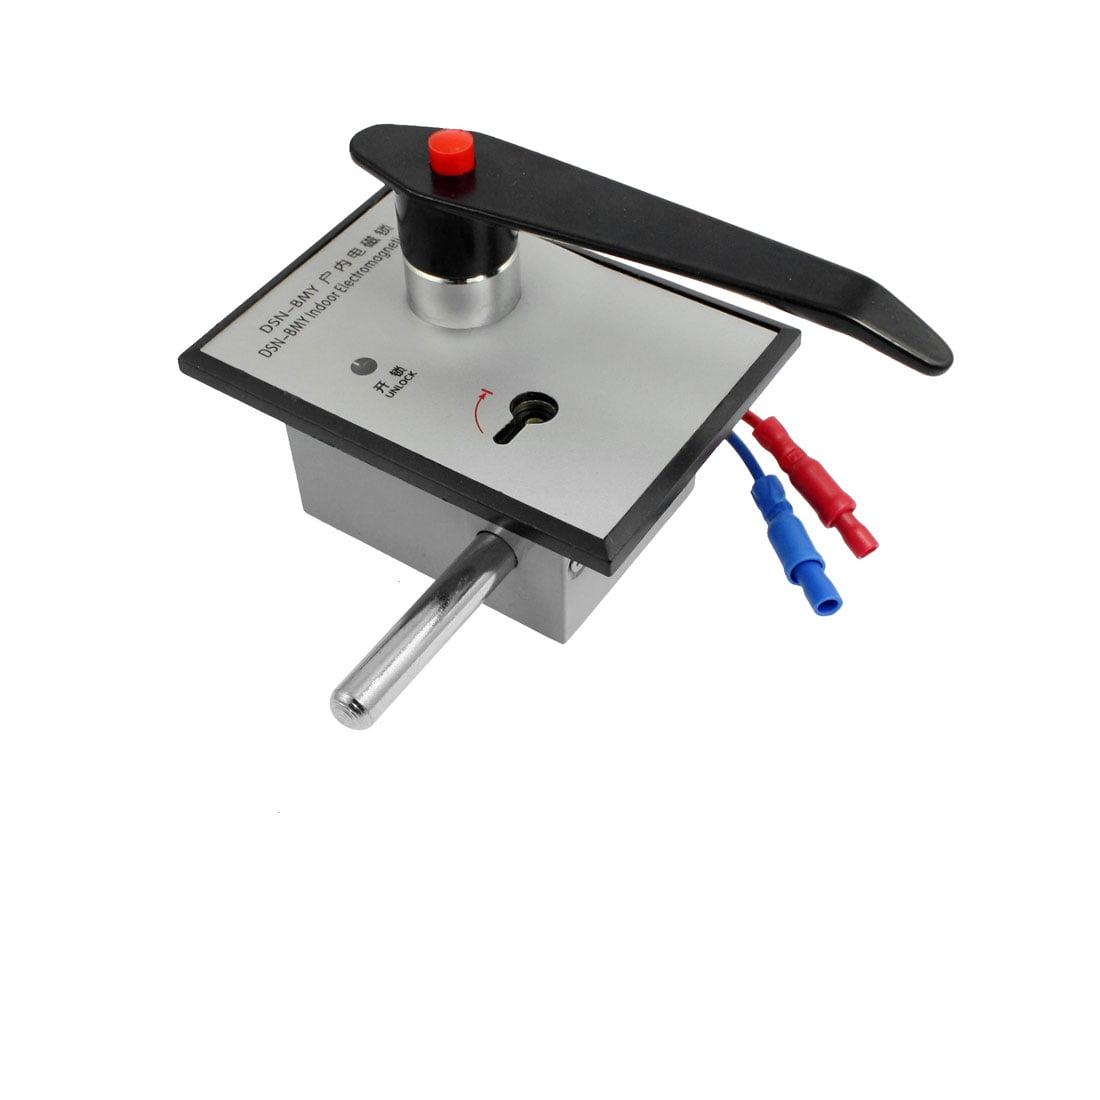 14mm Stroke Indoor Switchgear Electromagnetic Lock for Cabinet Door - image 1 of 1